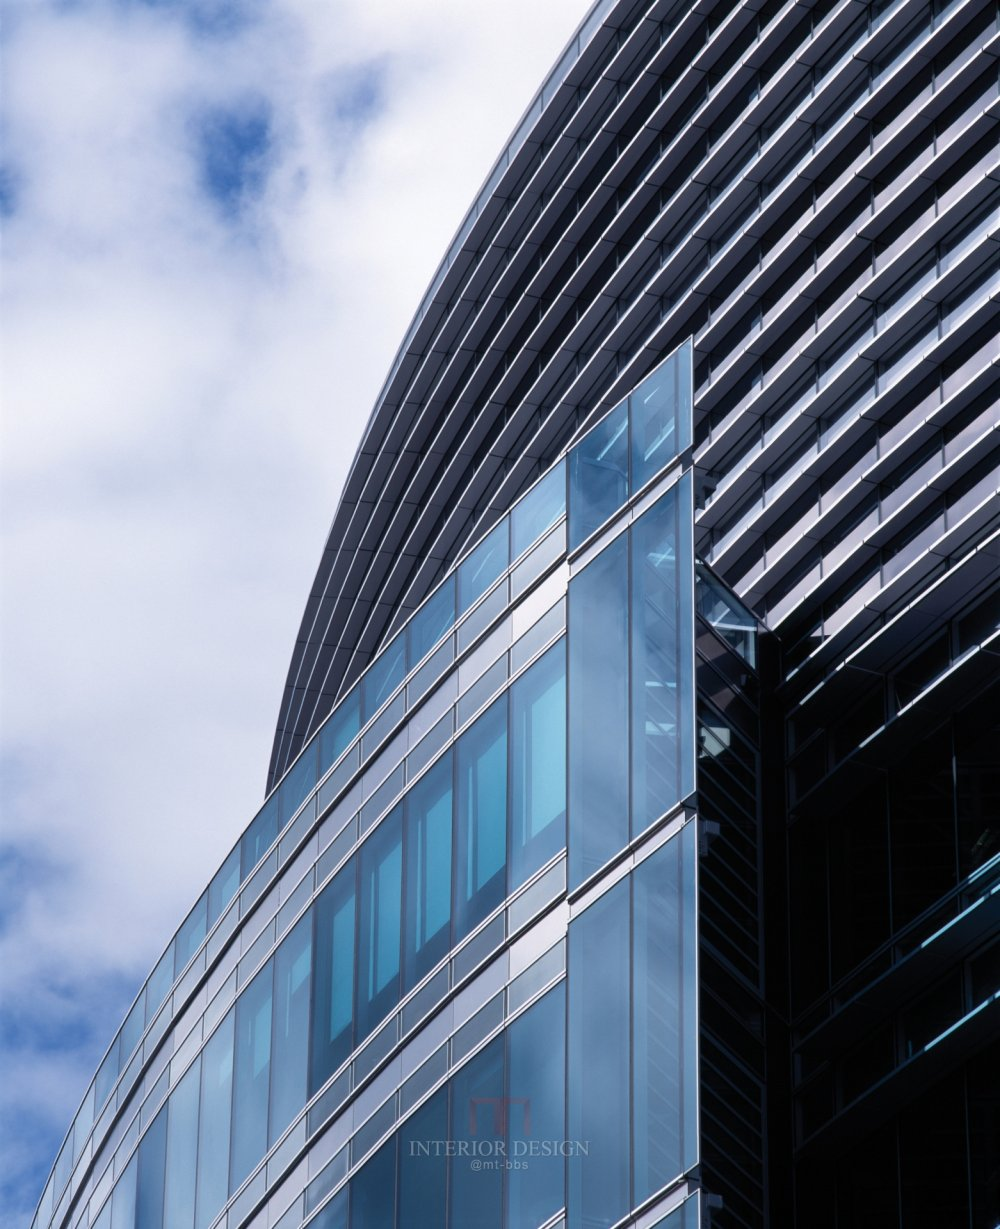 伍兹贝格建筑设计公司_2_20_1484_Marcus_Clarke_N7_screenhd.jpg